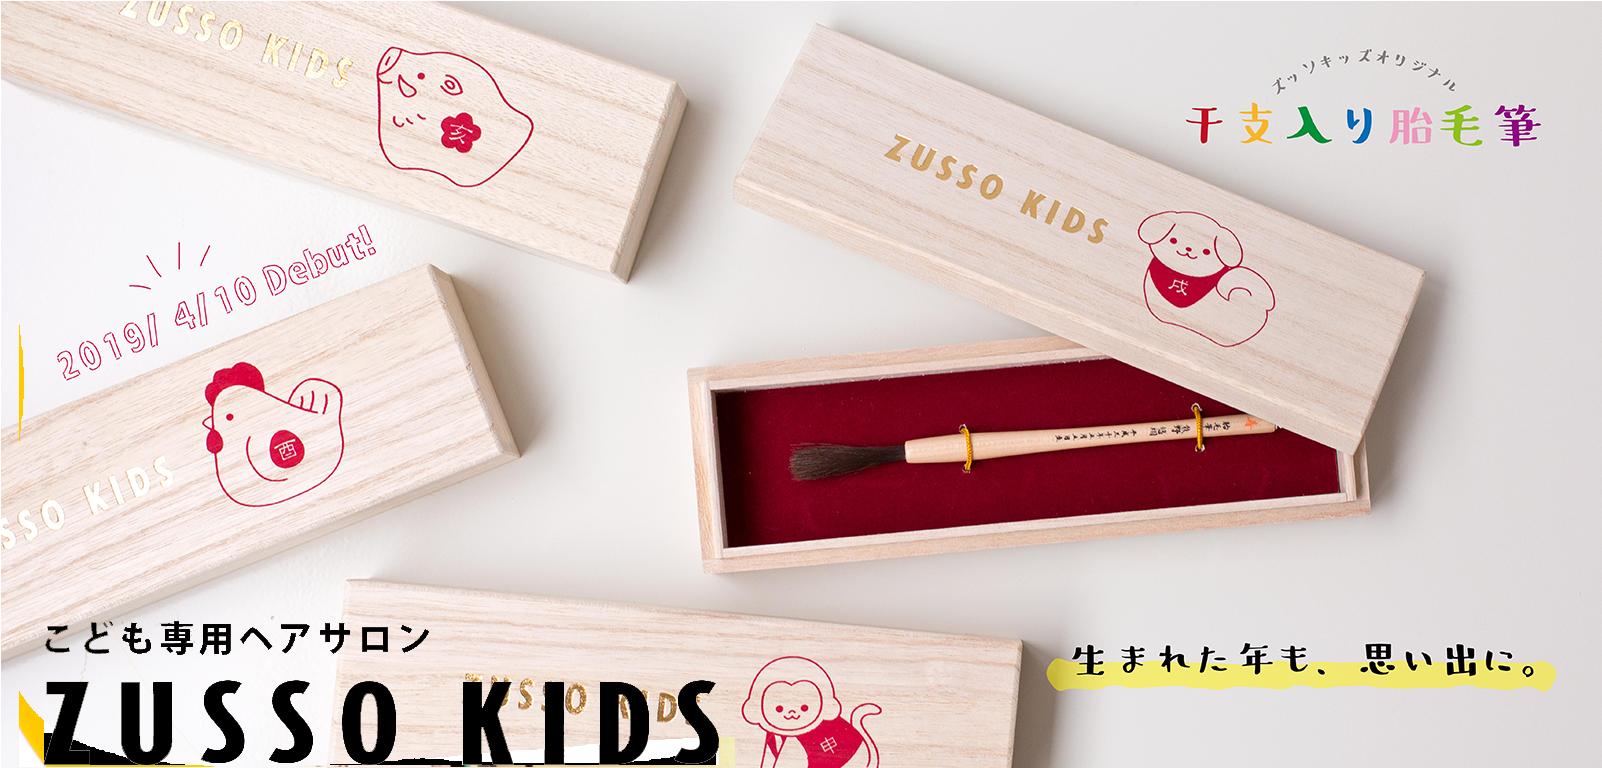 赤ちゃんの一章の思い出、胎毛筆。生まれたままの「胎毛」で作る胎毛筆。一生の思い出として、記念に残る一品です。お子さまやお孫さまの記念品としていかがですか?こども専用ヘアサロン ZUSSO KIDS